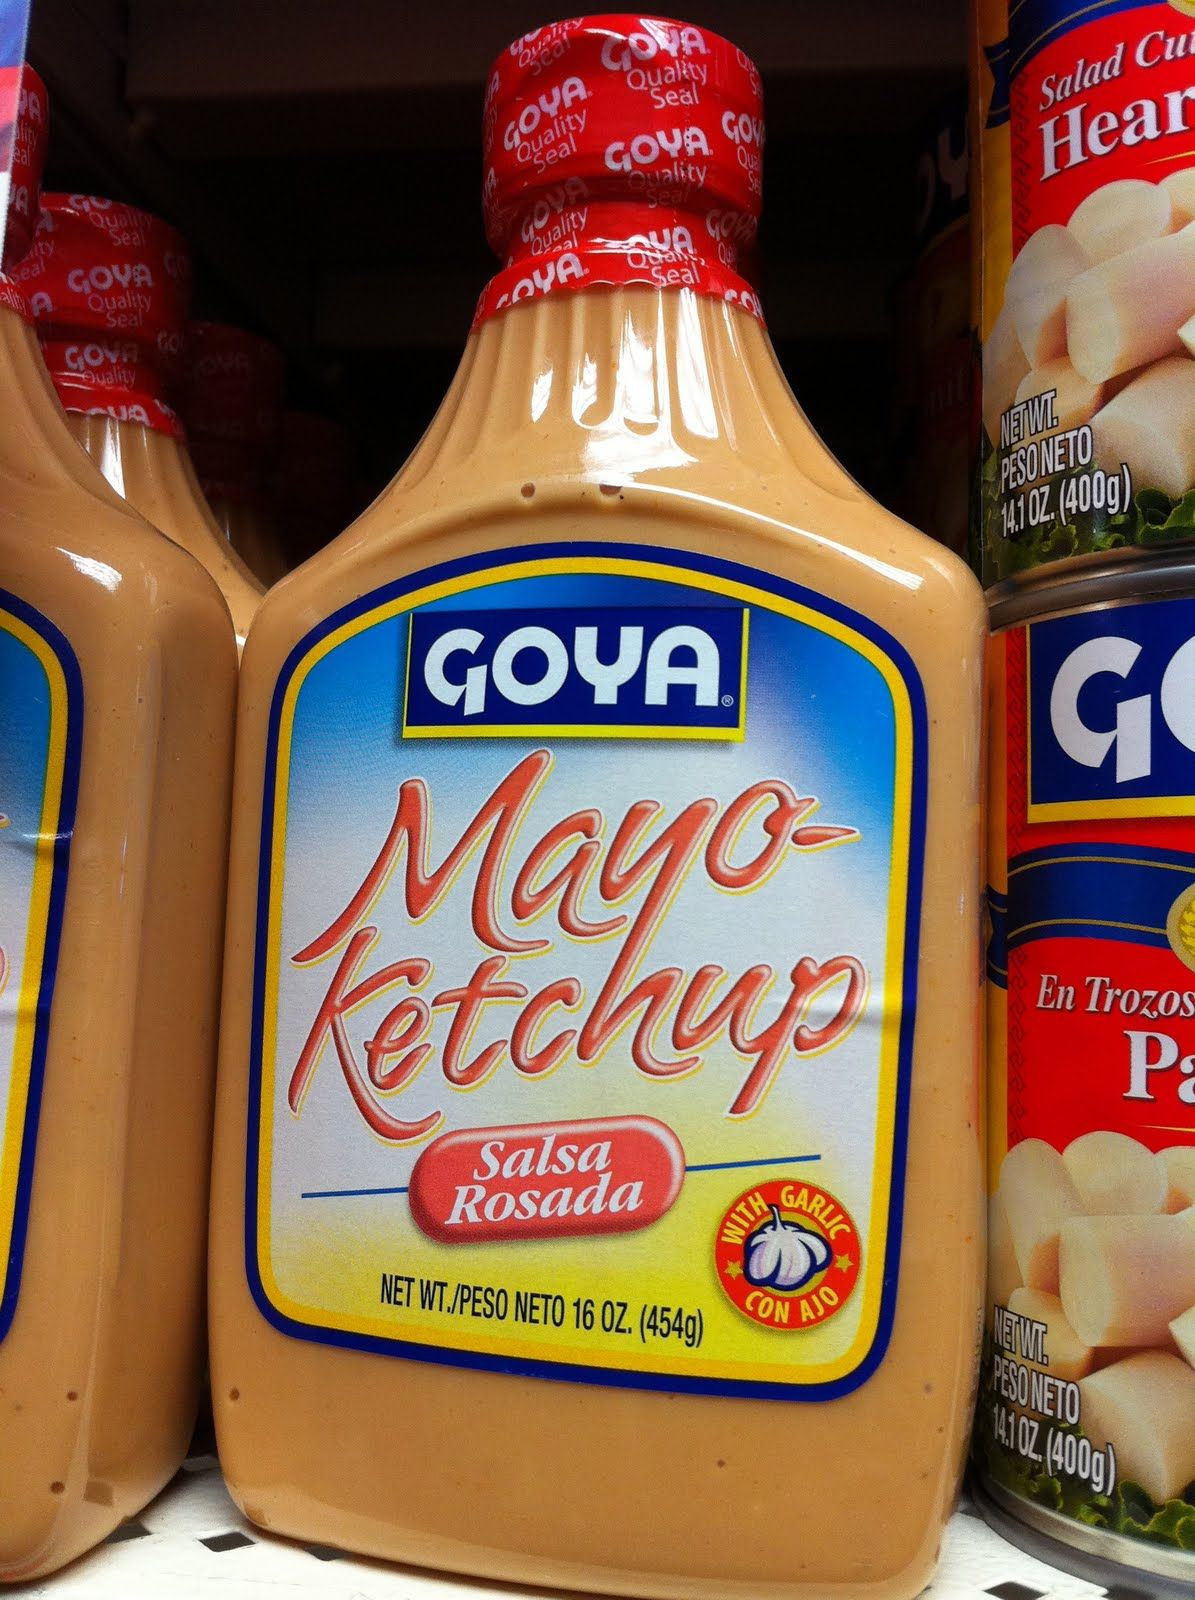 Mayo ketchup puerto rican recipe